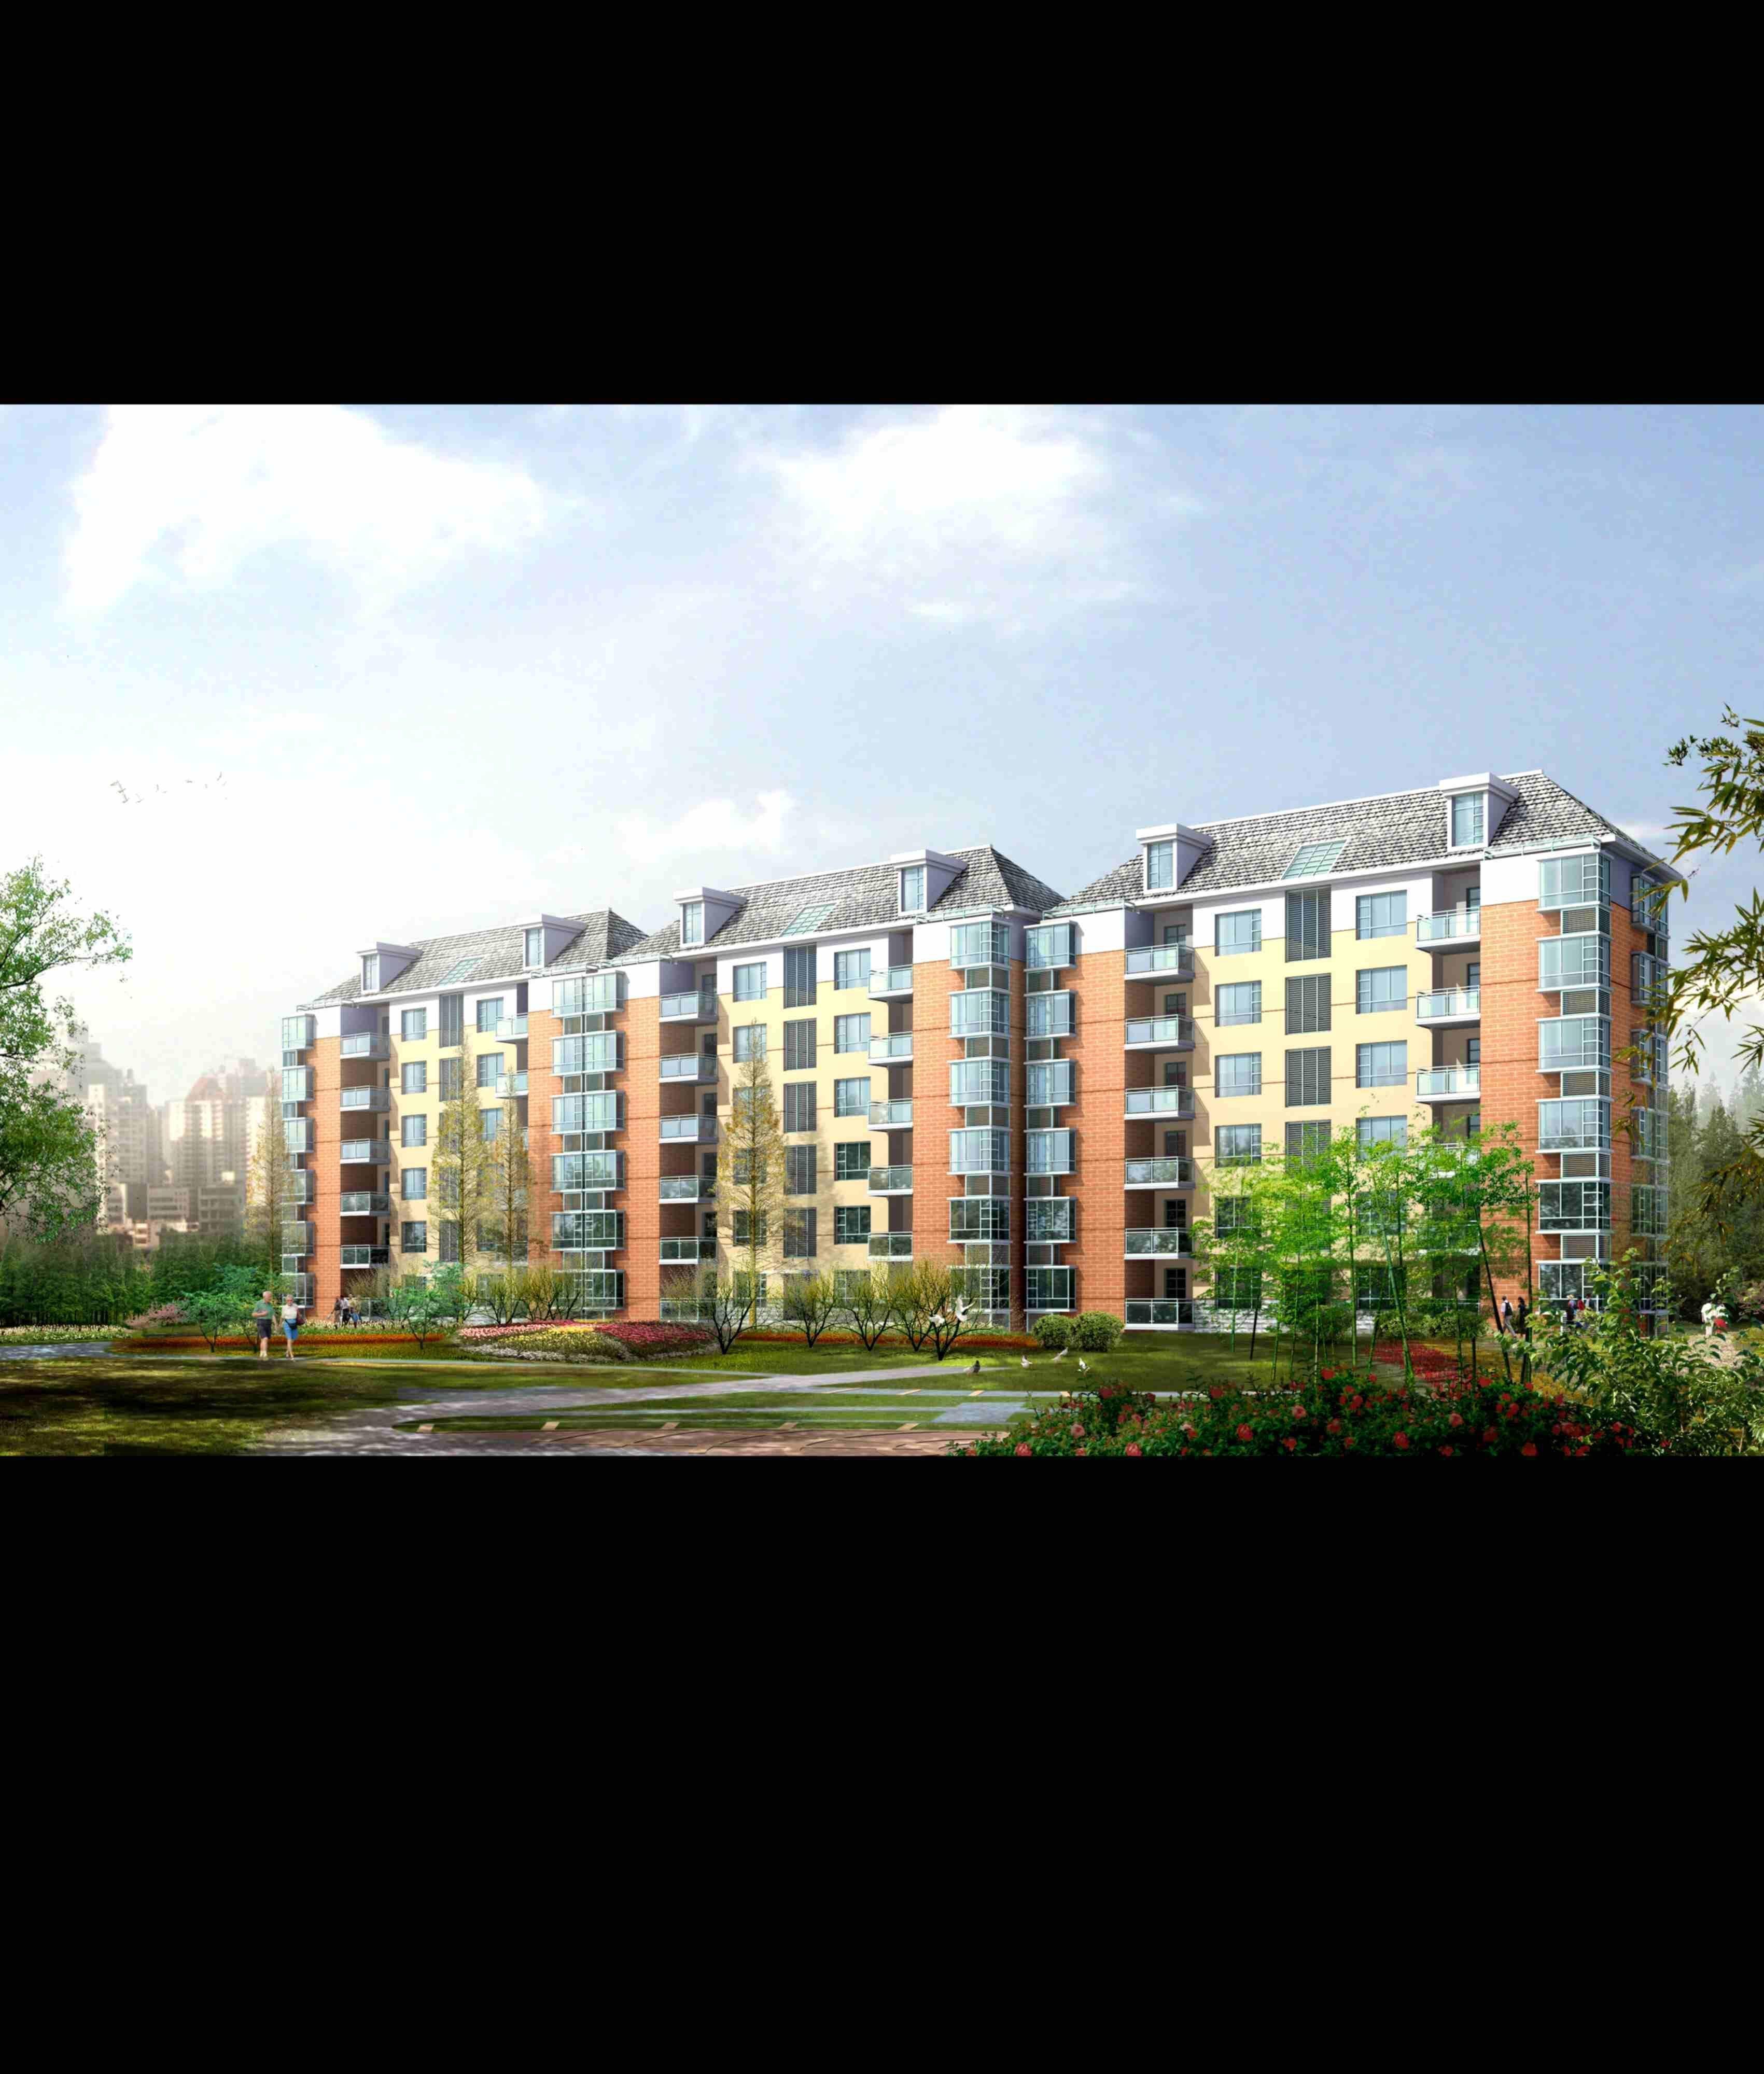 City Residential Garden Villa Office Build 3d Model